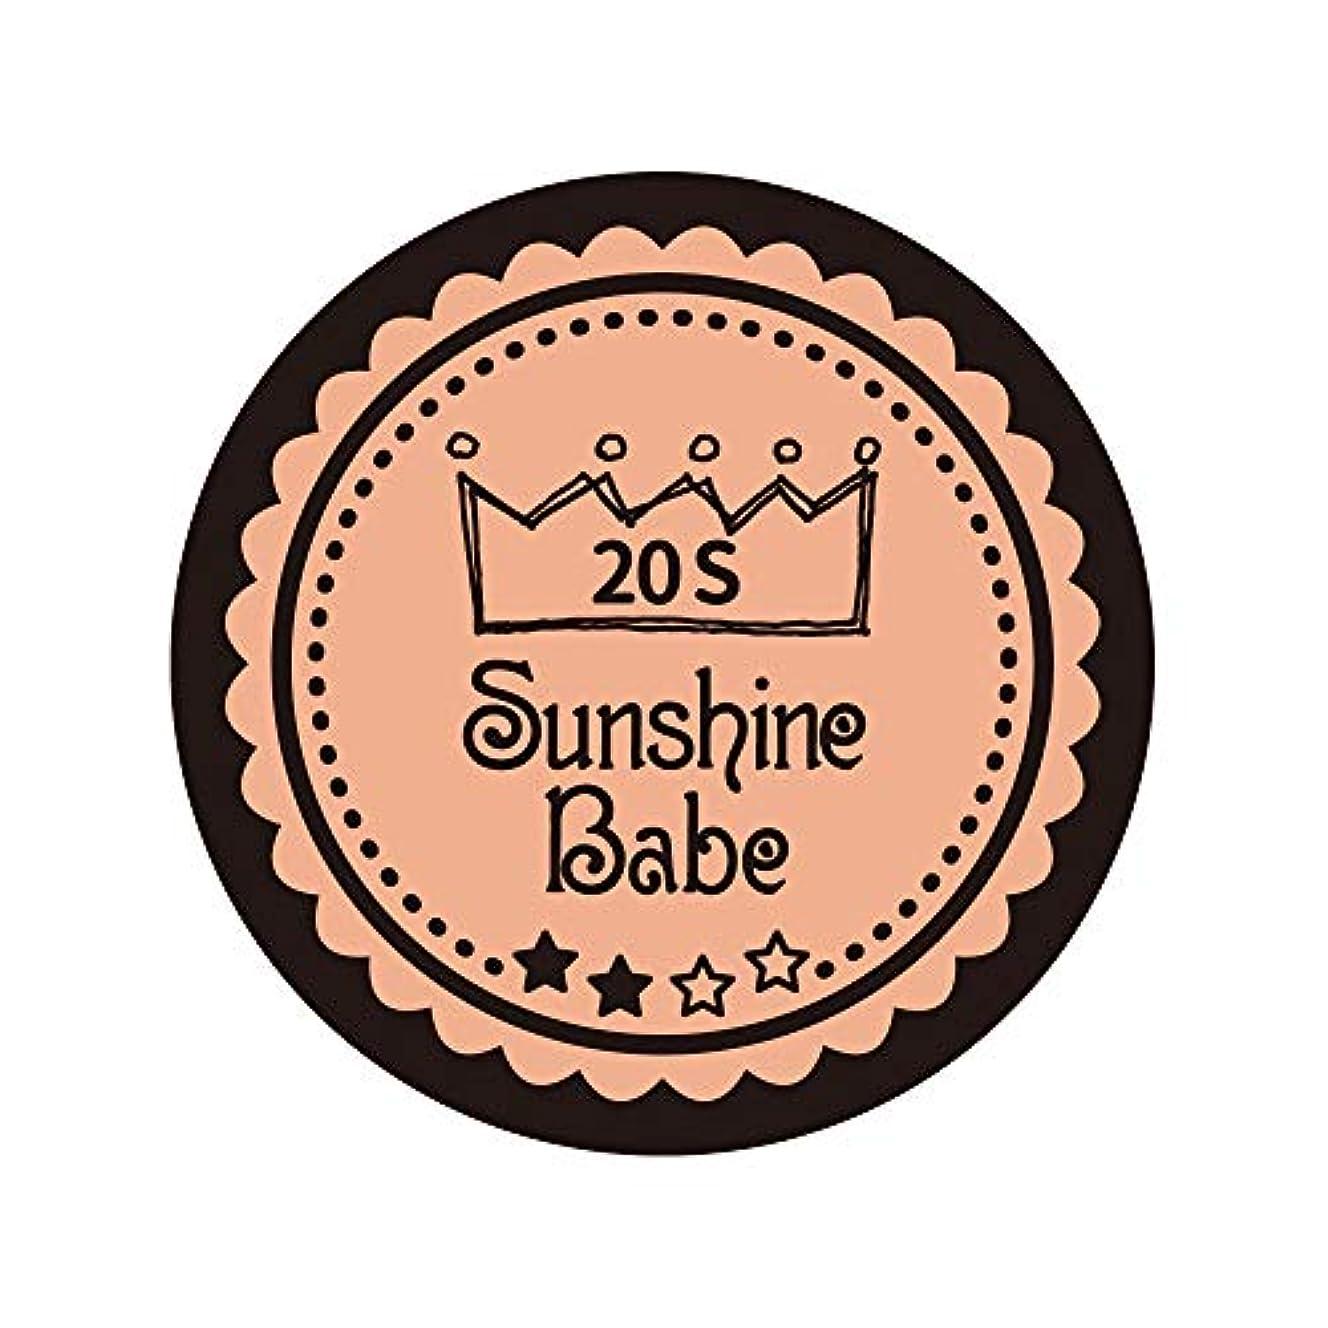 ロマンチック否認する処分したSunshine Babe カラージェル 20S ヌーディベージュ 2.7g UV/LED対応